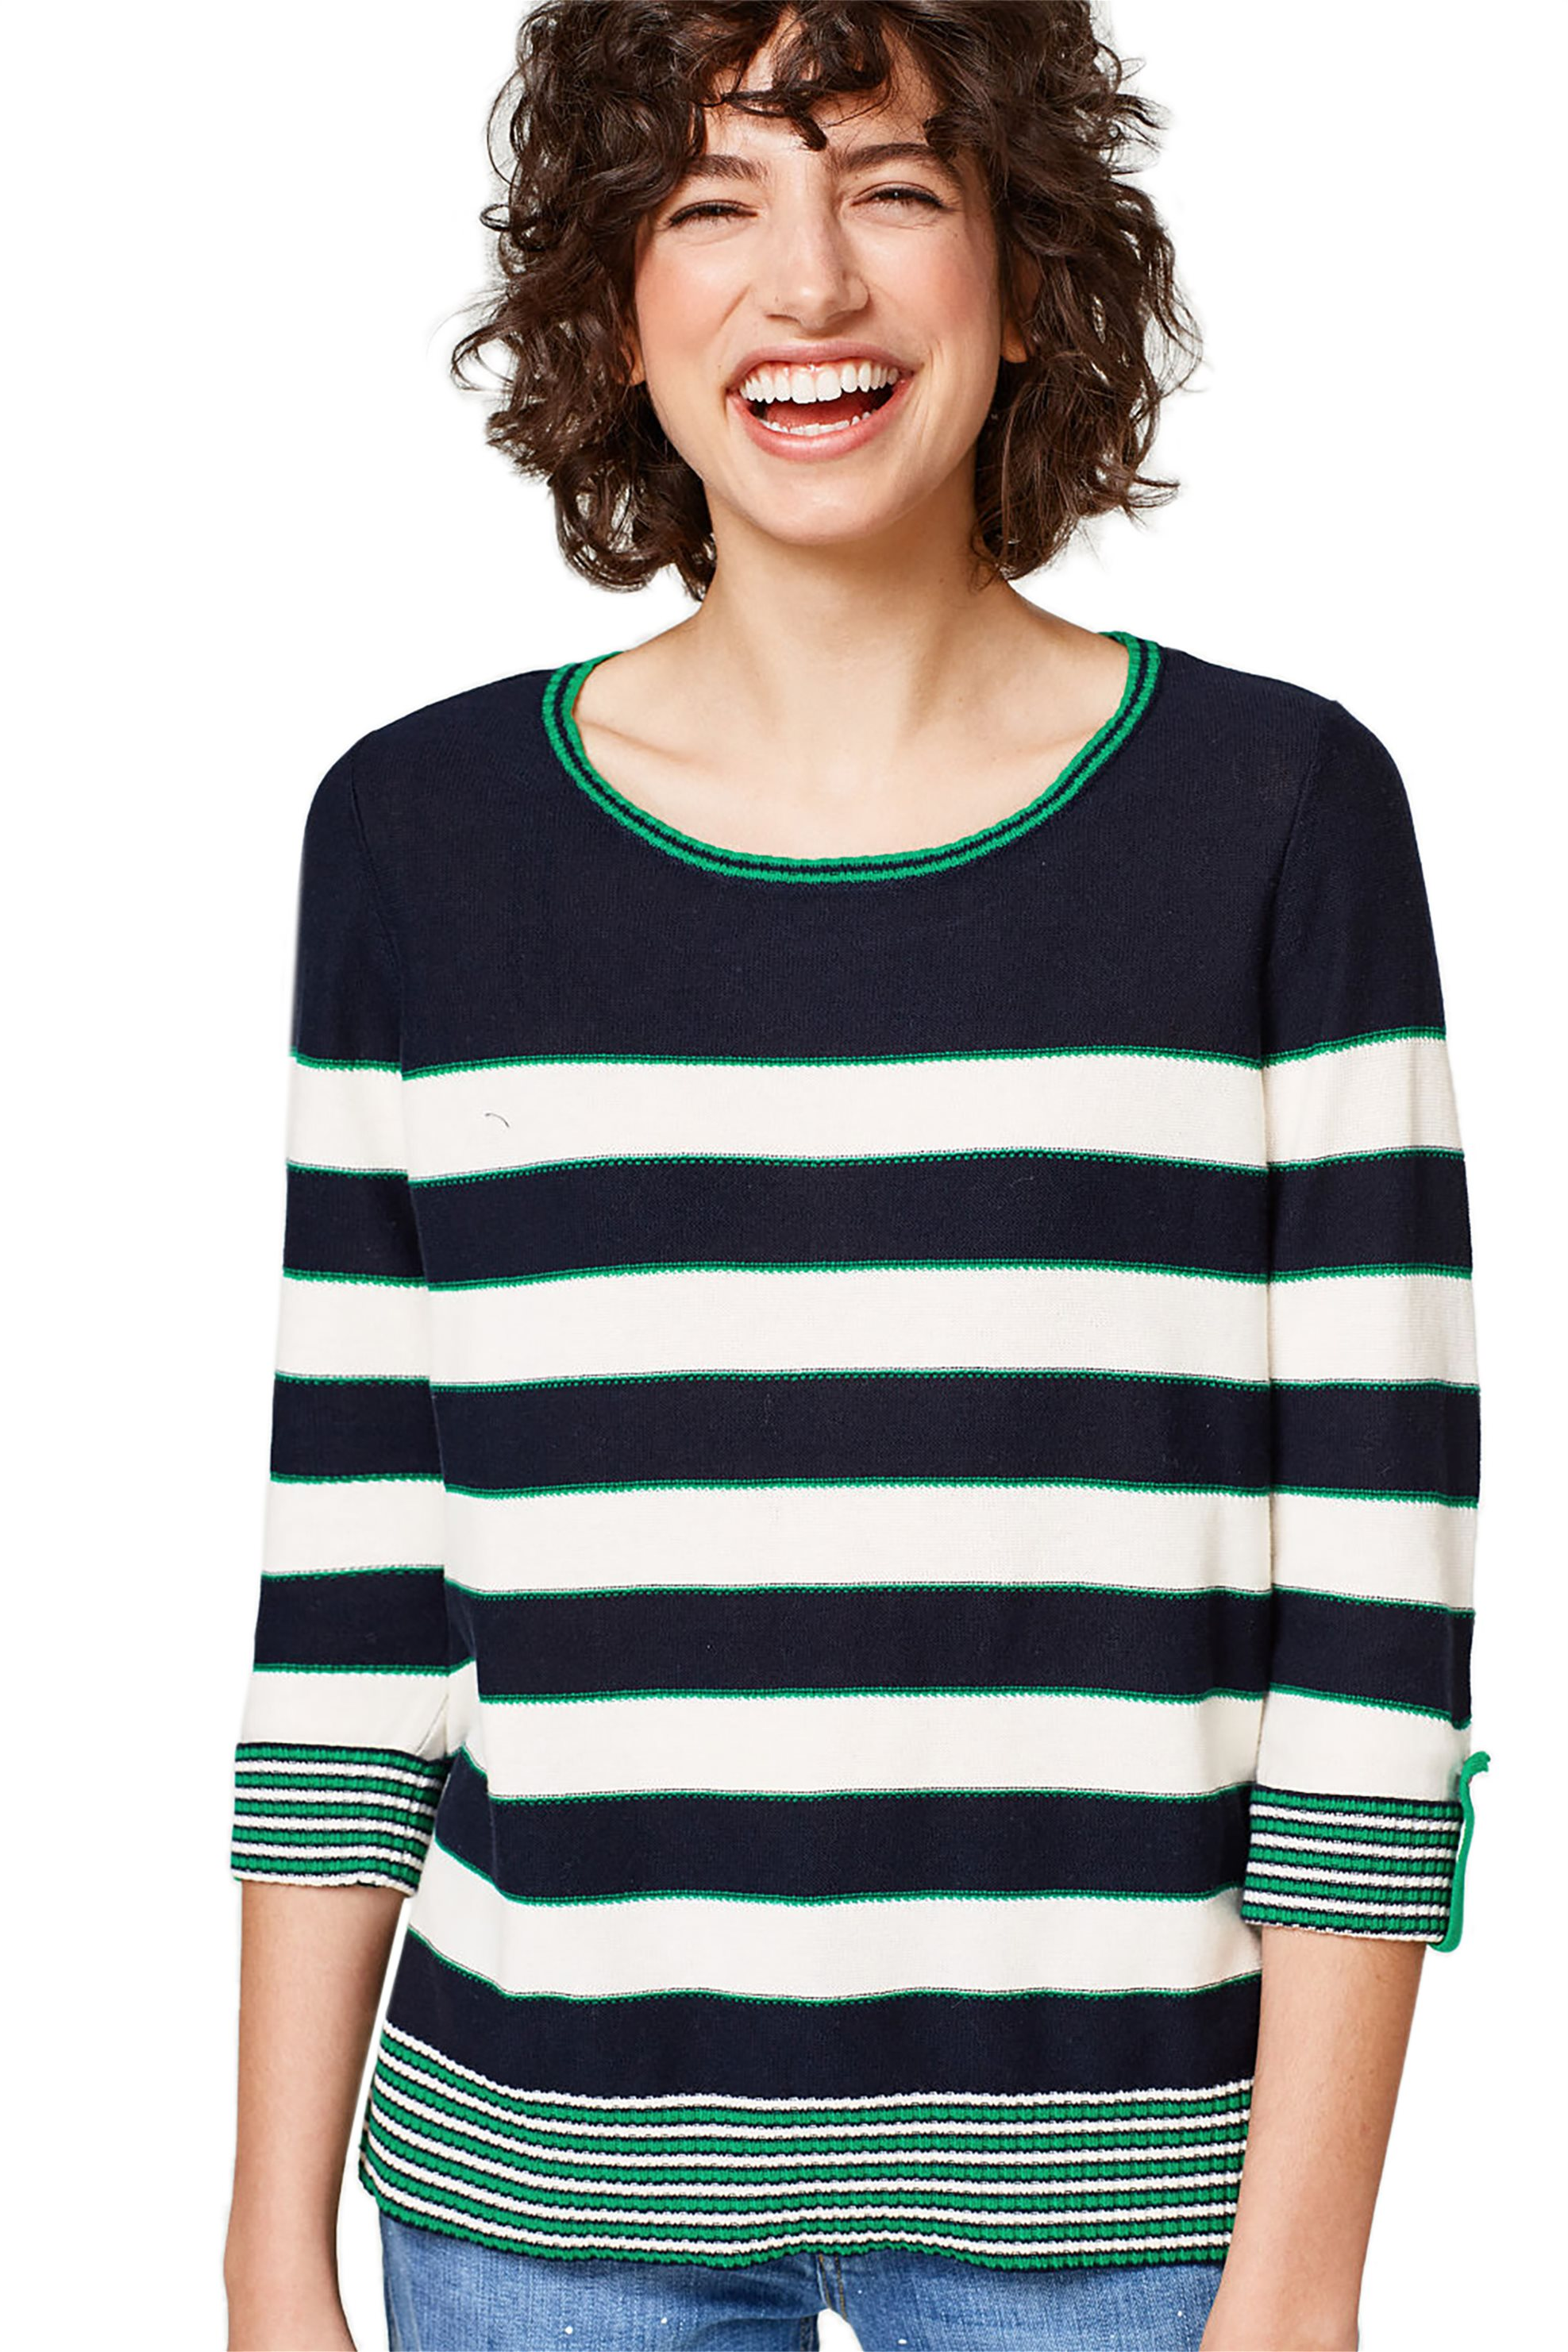 Γυναικεία   Ρούχα   Πλεκτά   TROLL TROLL γυναικεια μπλουζα ... a1eaa6e0ca3